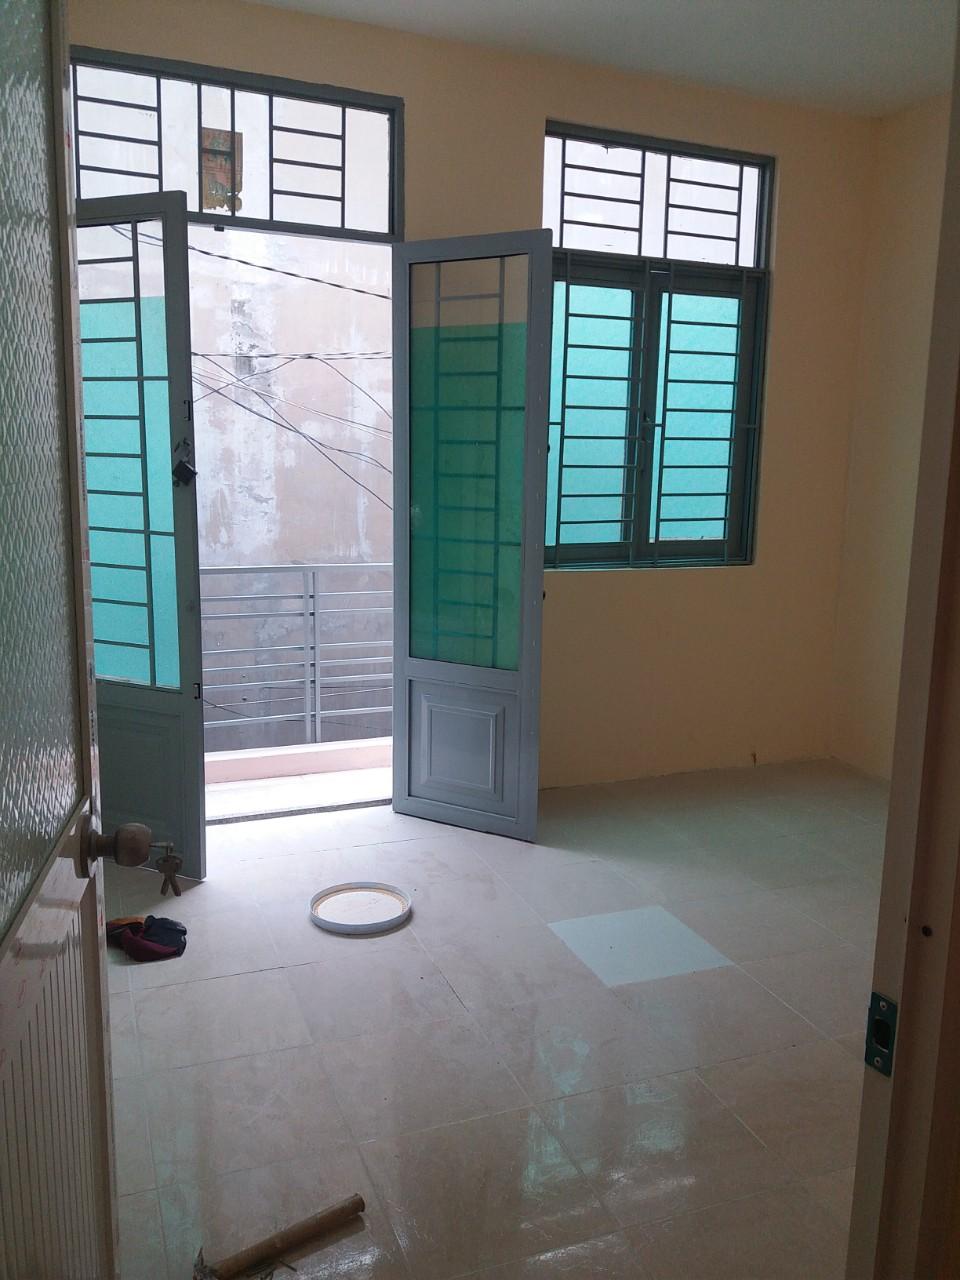 Bán nhà hẻm một sẹc Lý Thánh Tông Quận Tân Phú, diện tích 4mx10m, 1 trệt 1 lầu, giá bán 3,5 tỷ. 3